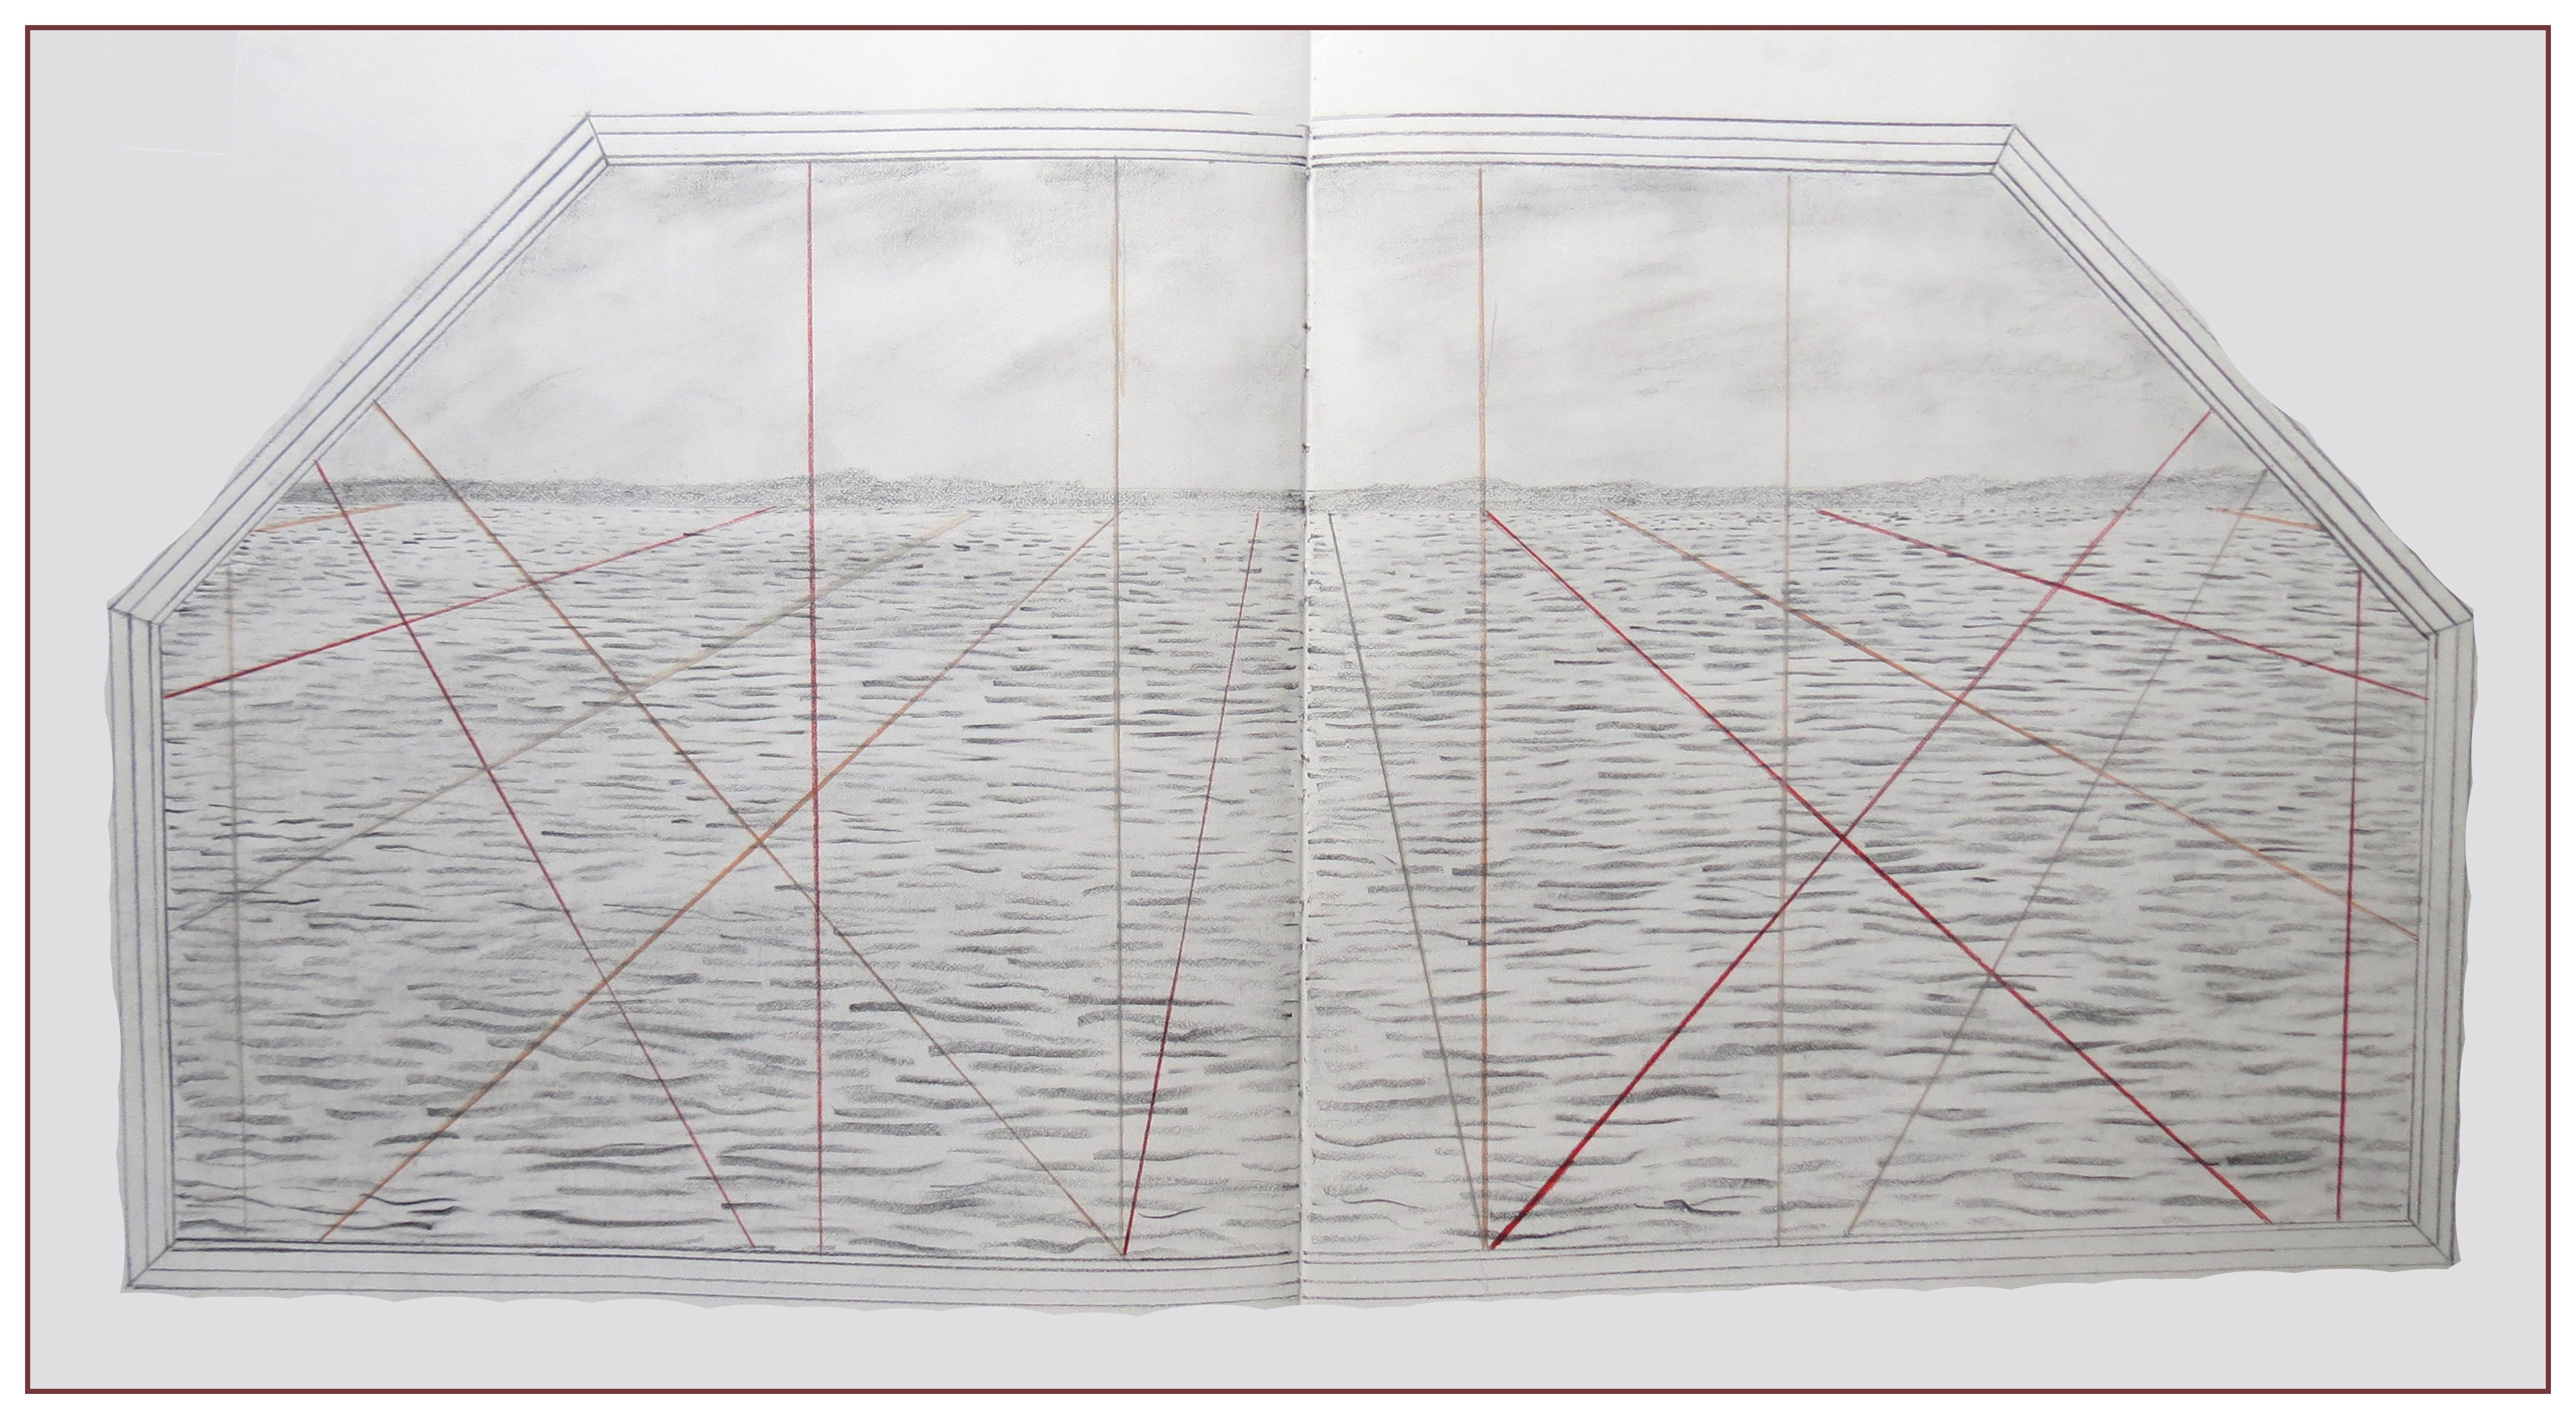 Passage Ways sketch Andrew Henderson